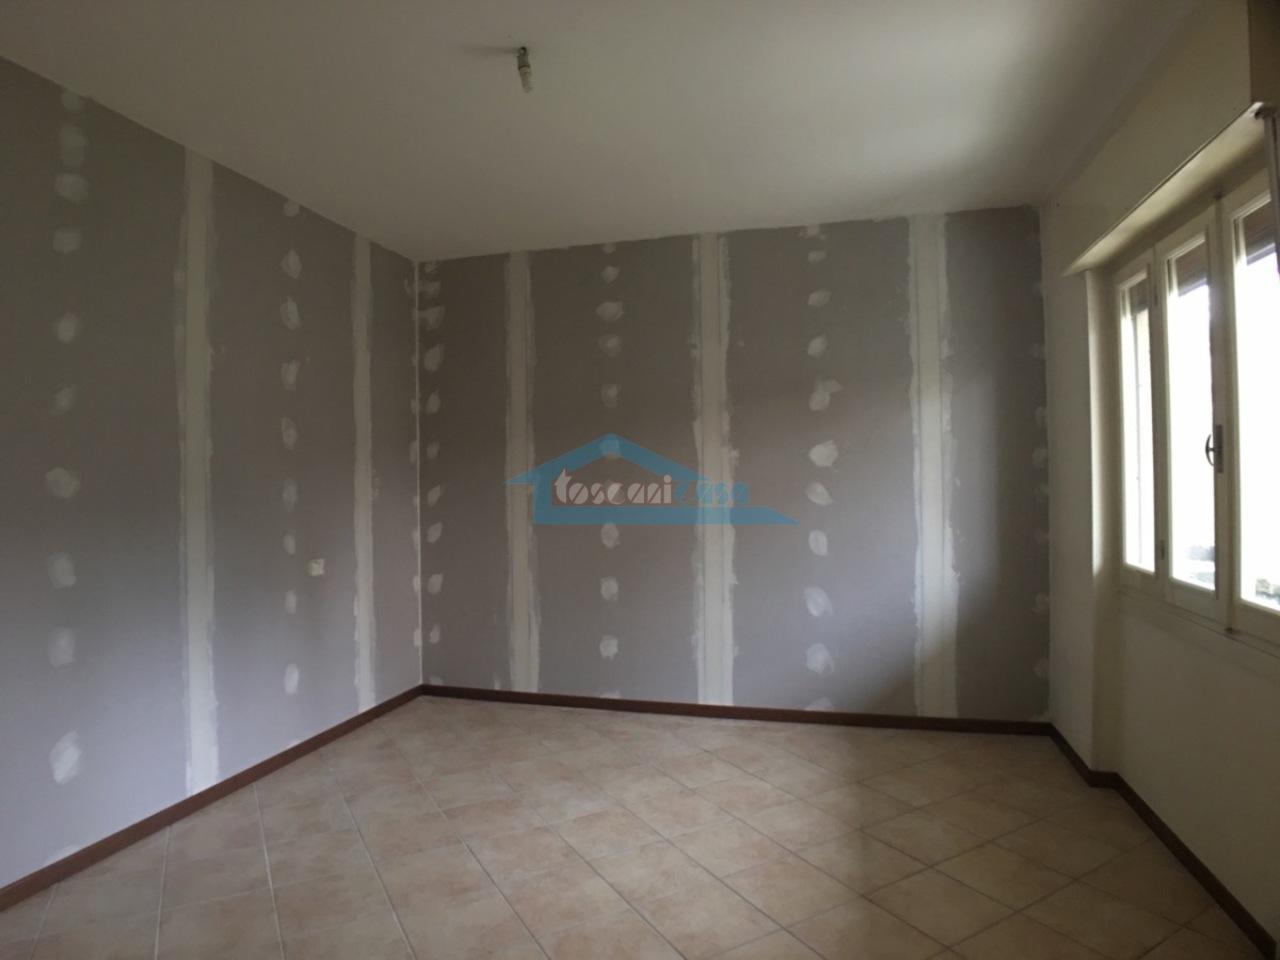 Camera 1 o salotto Appartamento  a Adro